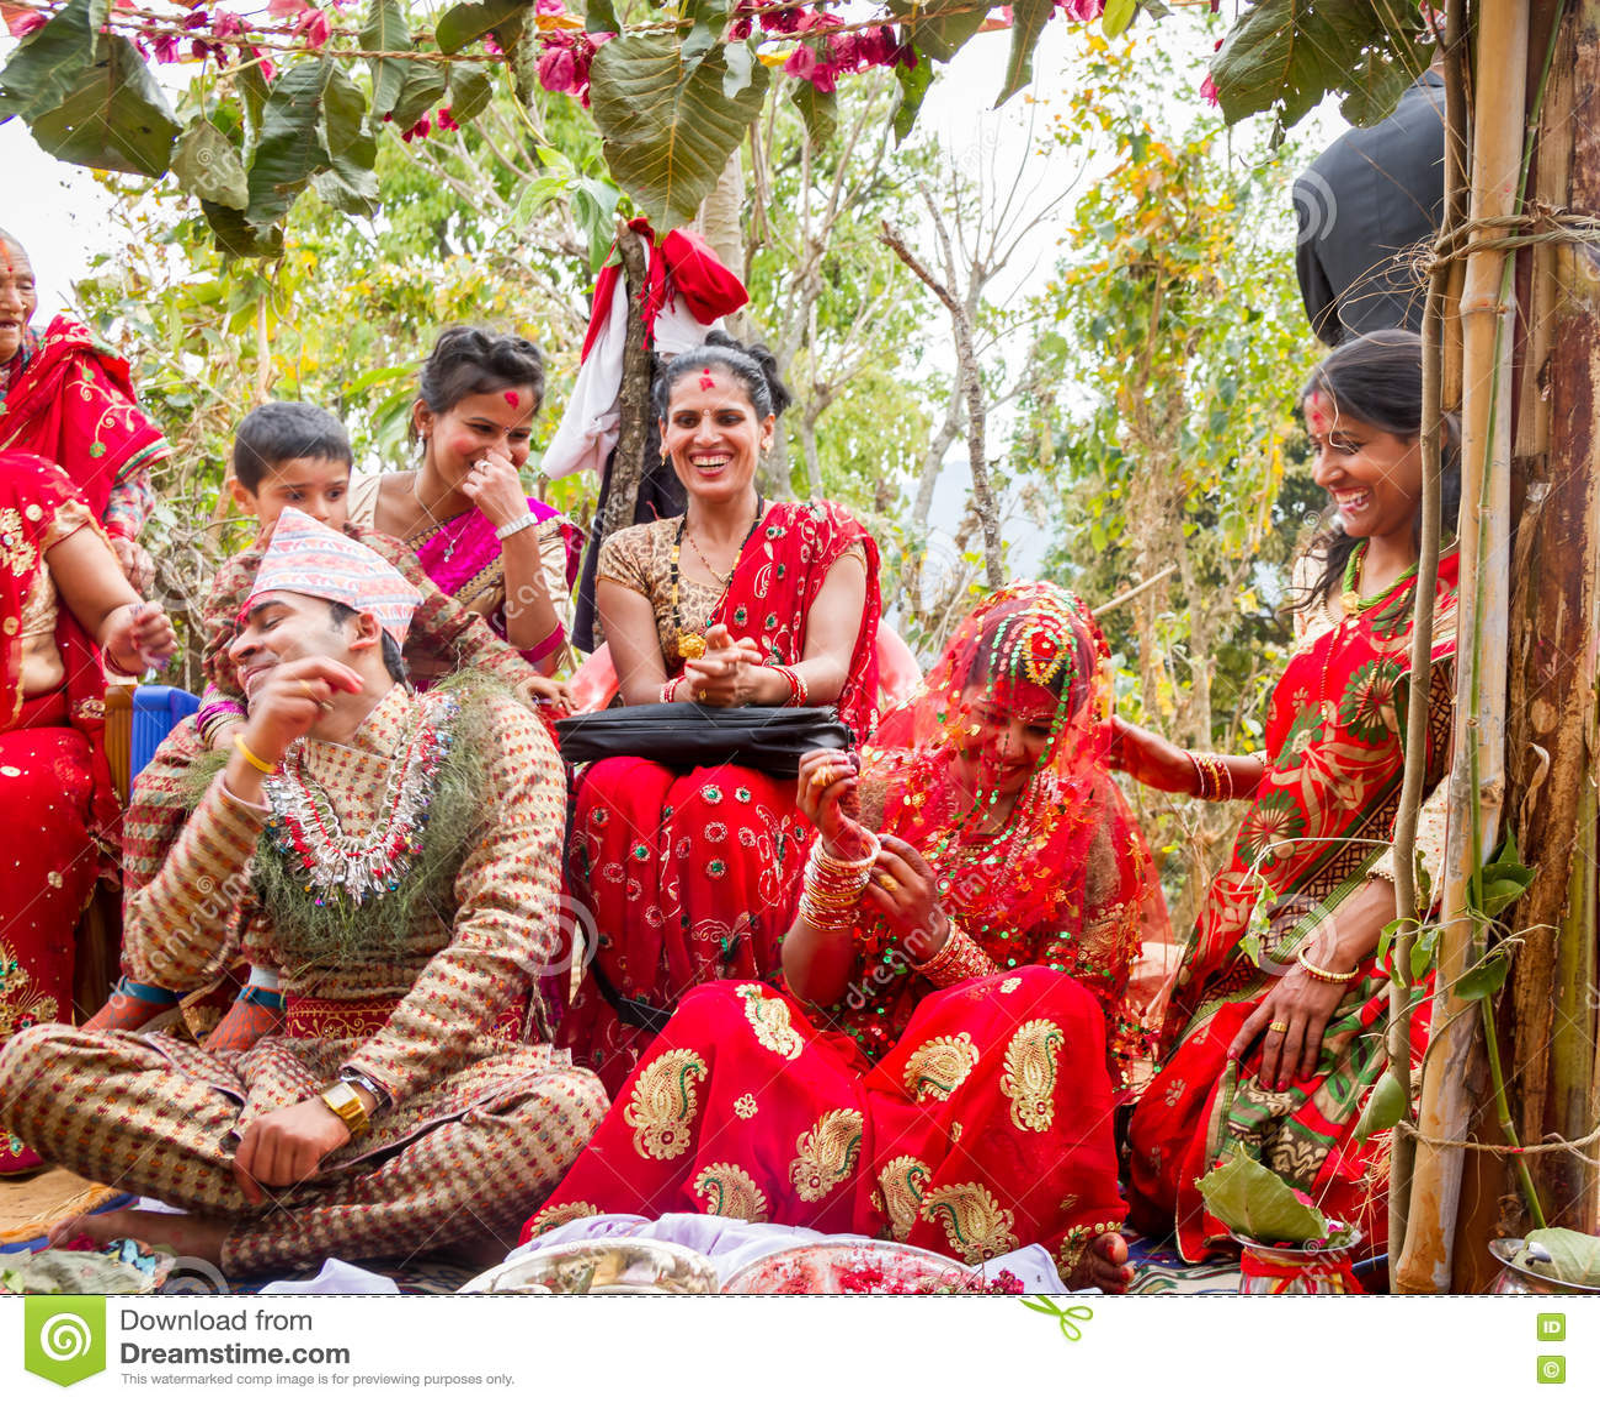 Happy moment of Wedding Ceremony